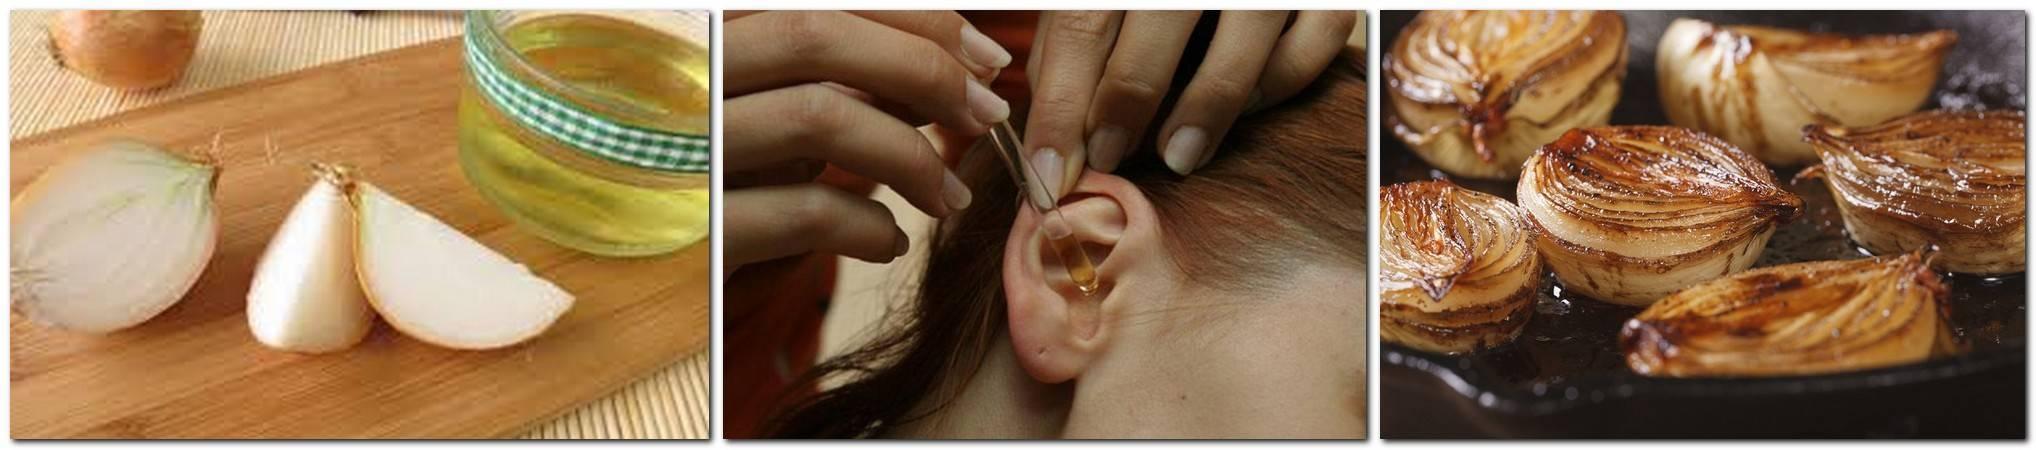 Народные рецепты лечения ушей - народное  личения